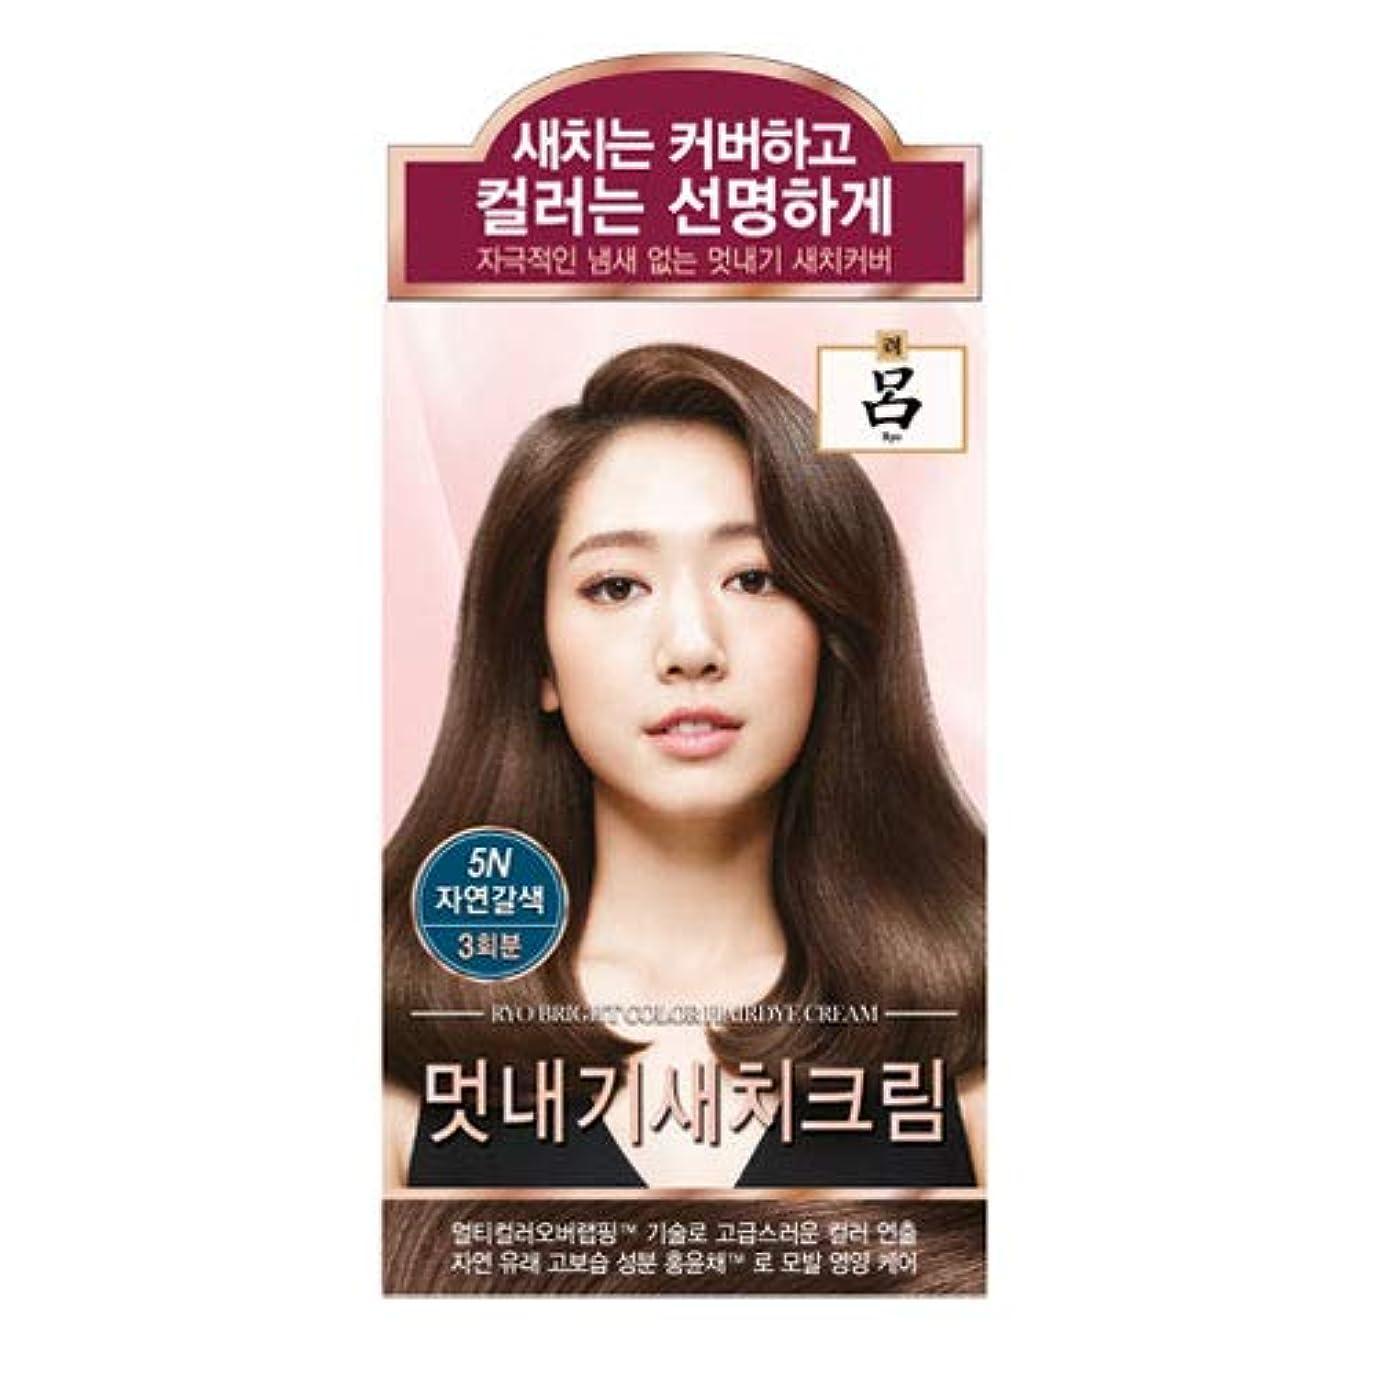 知らせるほうき眼アモーレパシフィック呂[AMOREPACIFIC/Ryo] ブライトカラーヘアアイクリーム 5N ナチュラルブラウン/Bright Color Hairdye Cream 5N Natural Brown